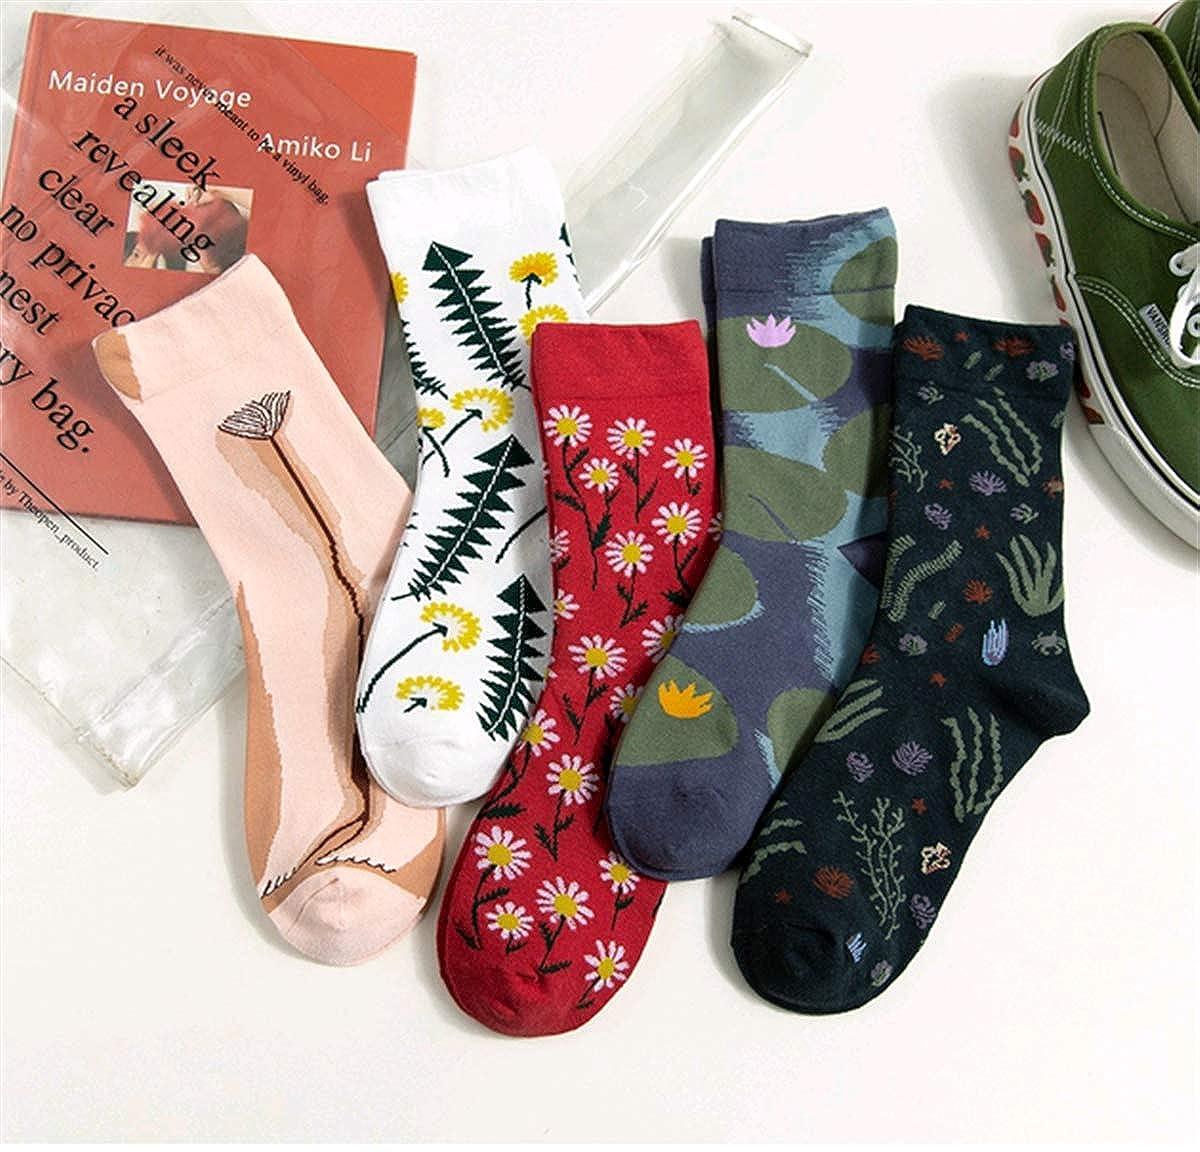 Schkleier Women socks Men 5 Pairs Crew Socks Cotton Soft Plaid Casual Socks Running Socks